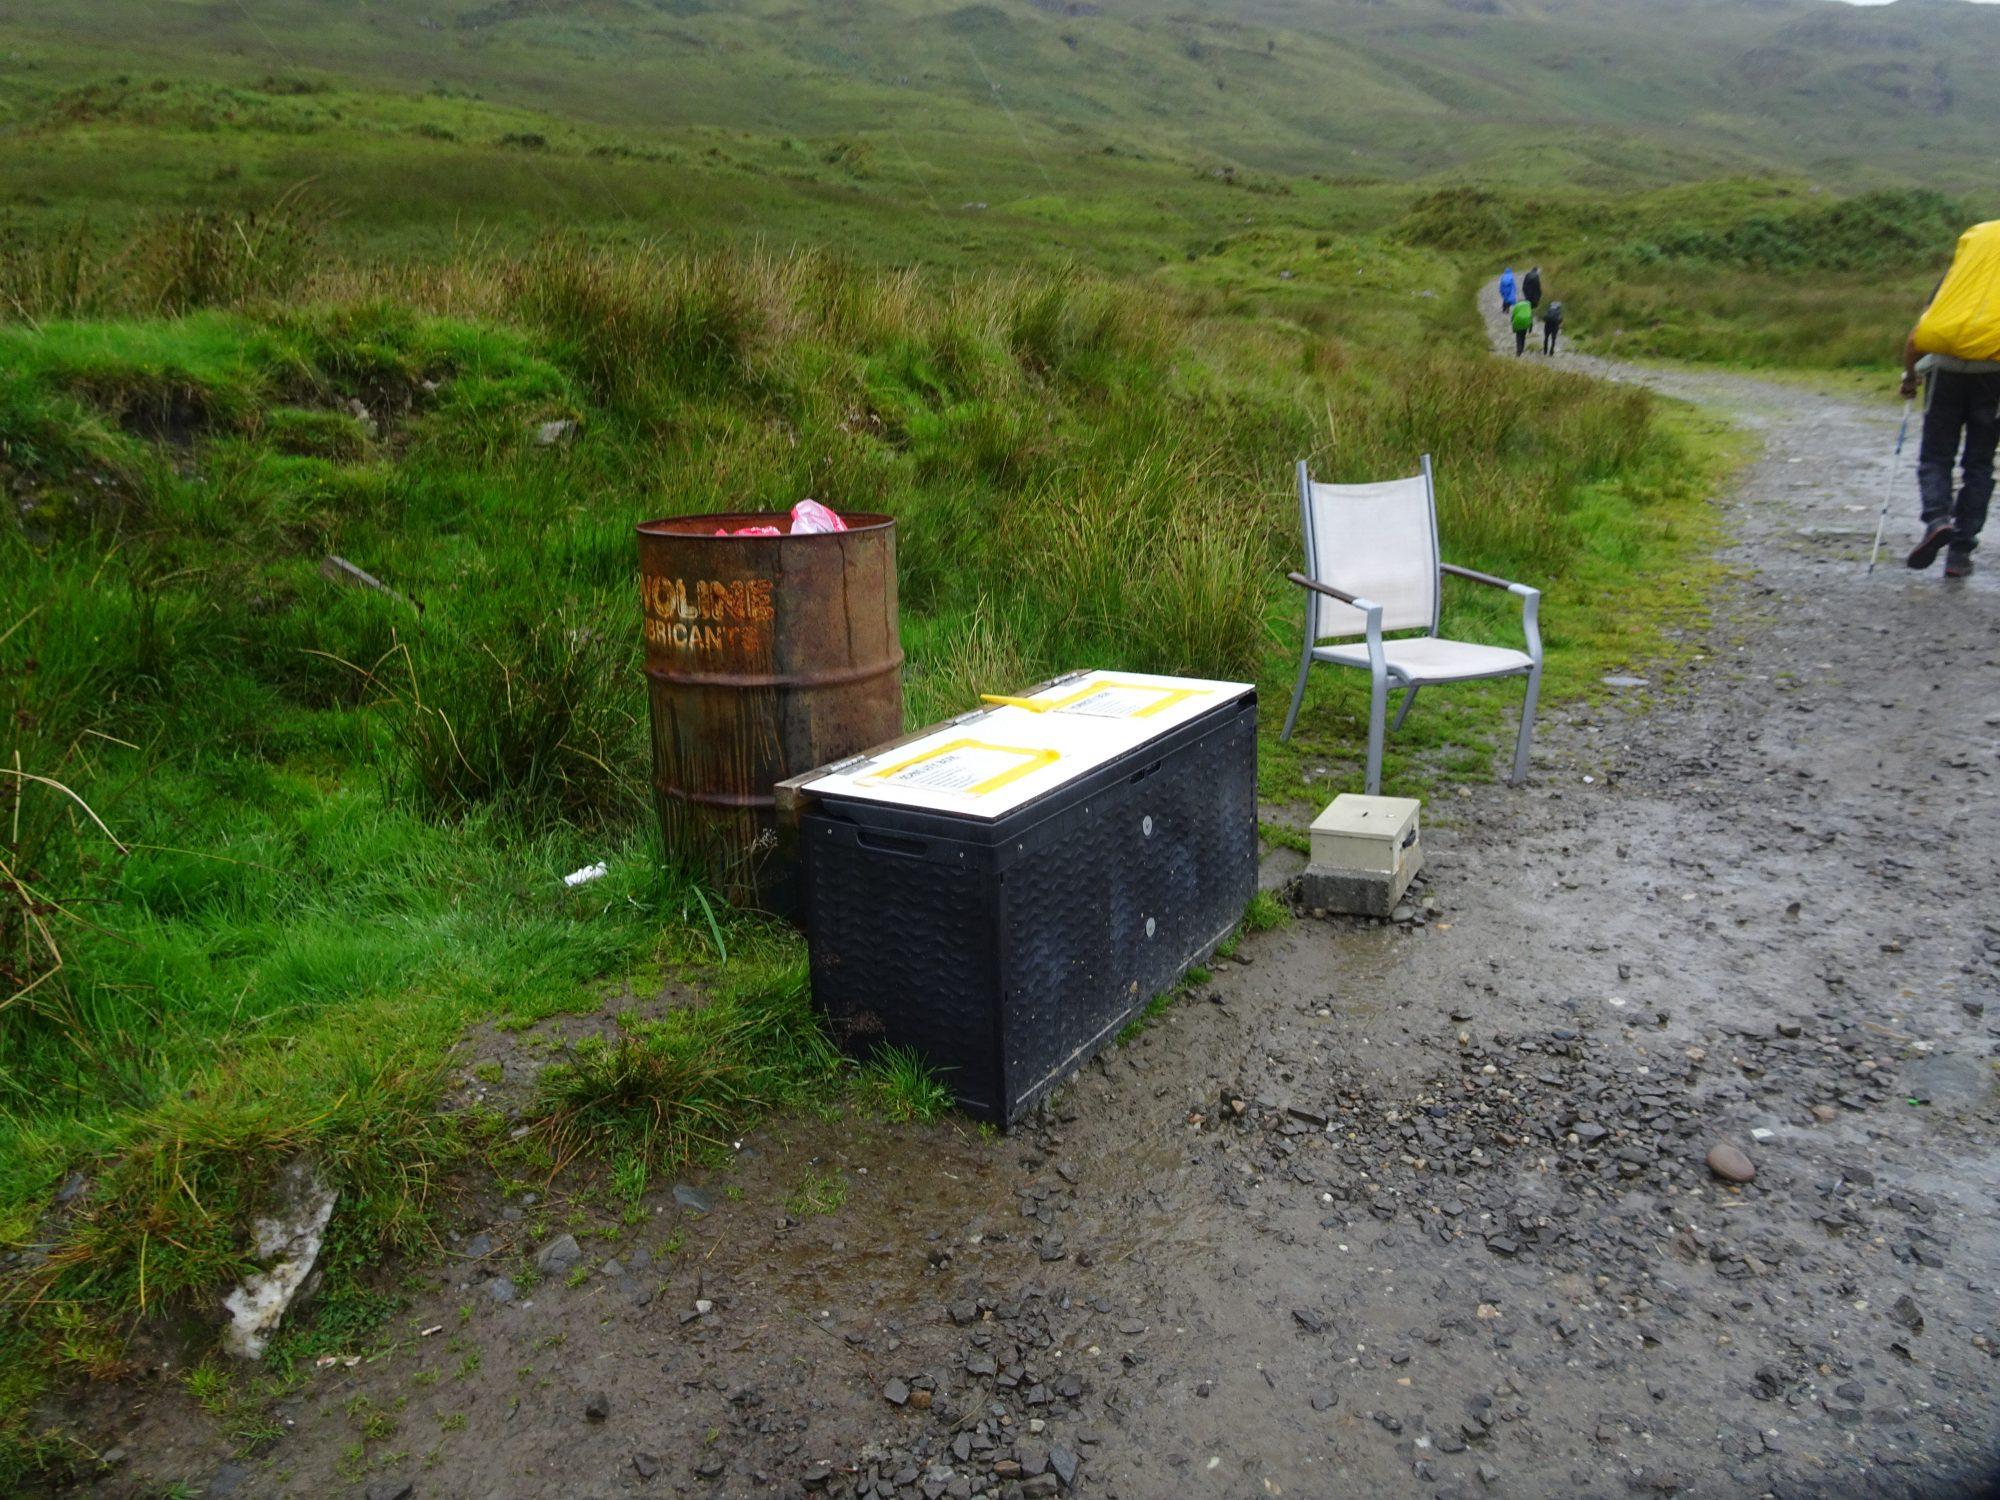 Trail Magic! Ein Stuhl und eine Kiste voller Getränke und Snacks, West Highland Way, Schottland, Wanderung, Weitwandern, Trekking, Highlands